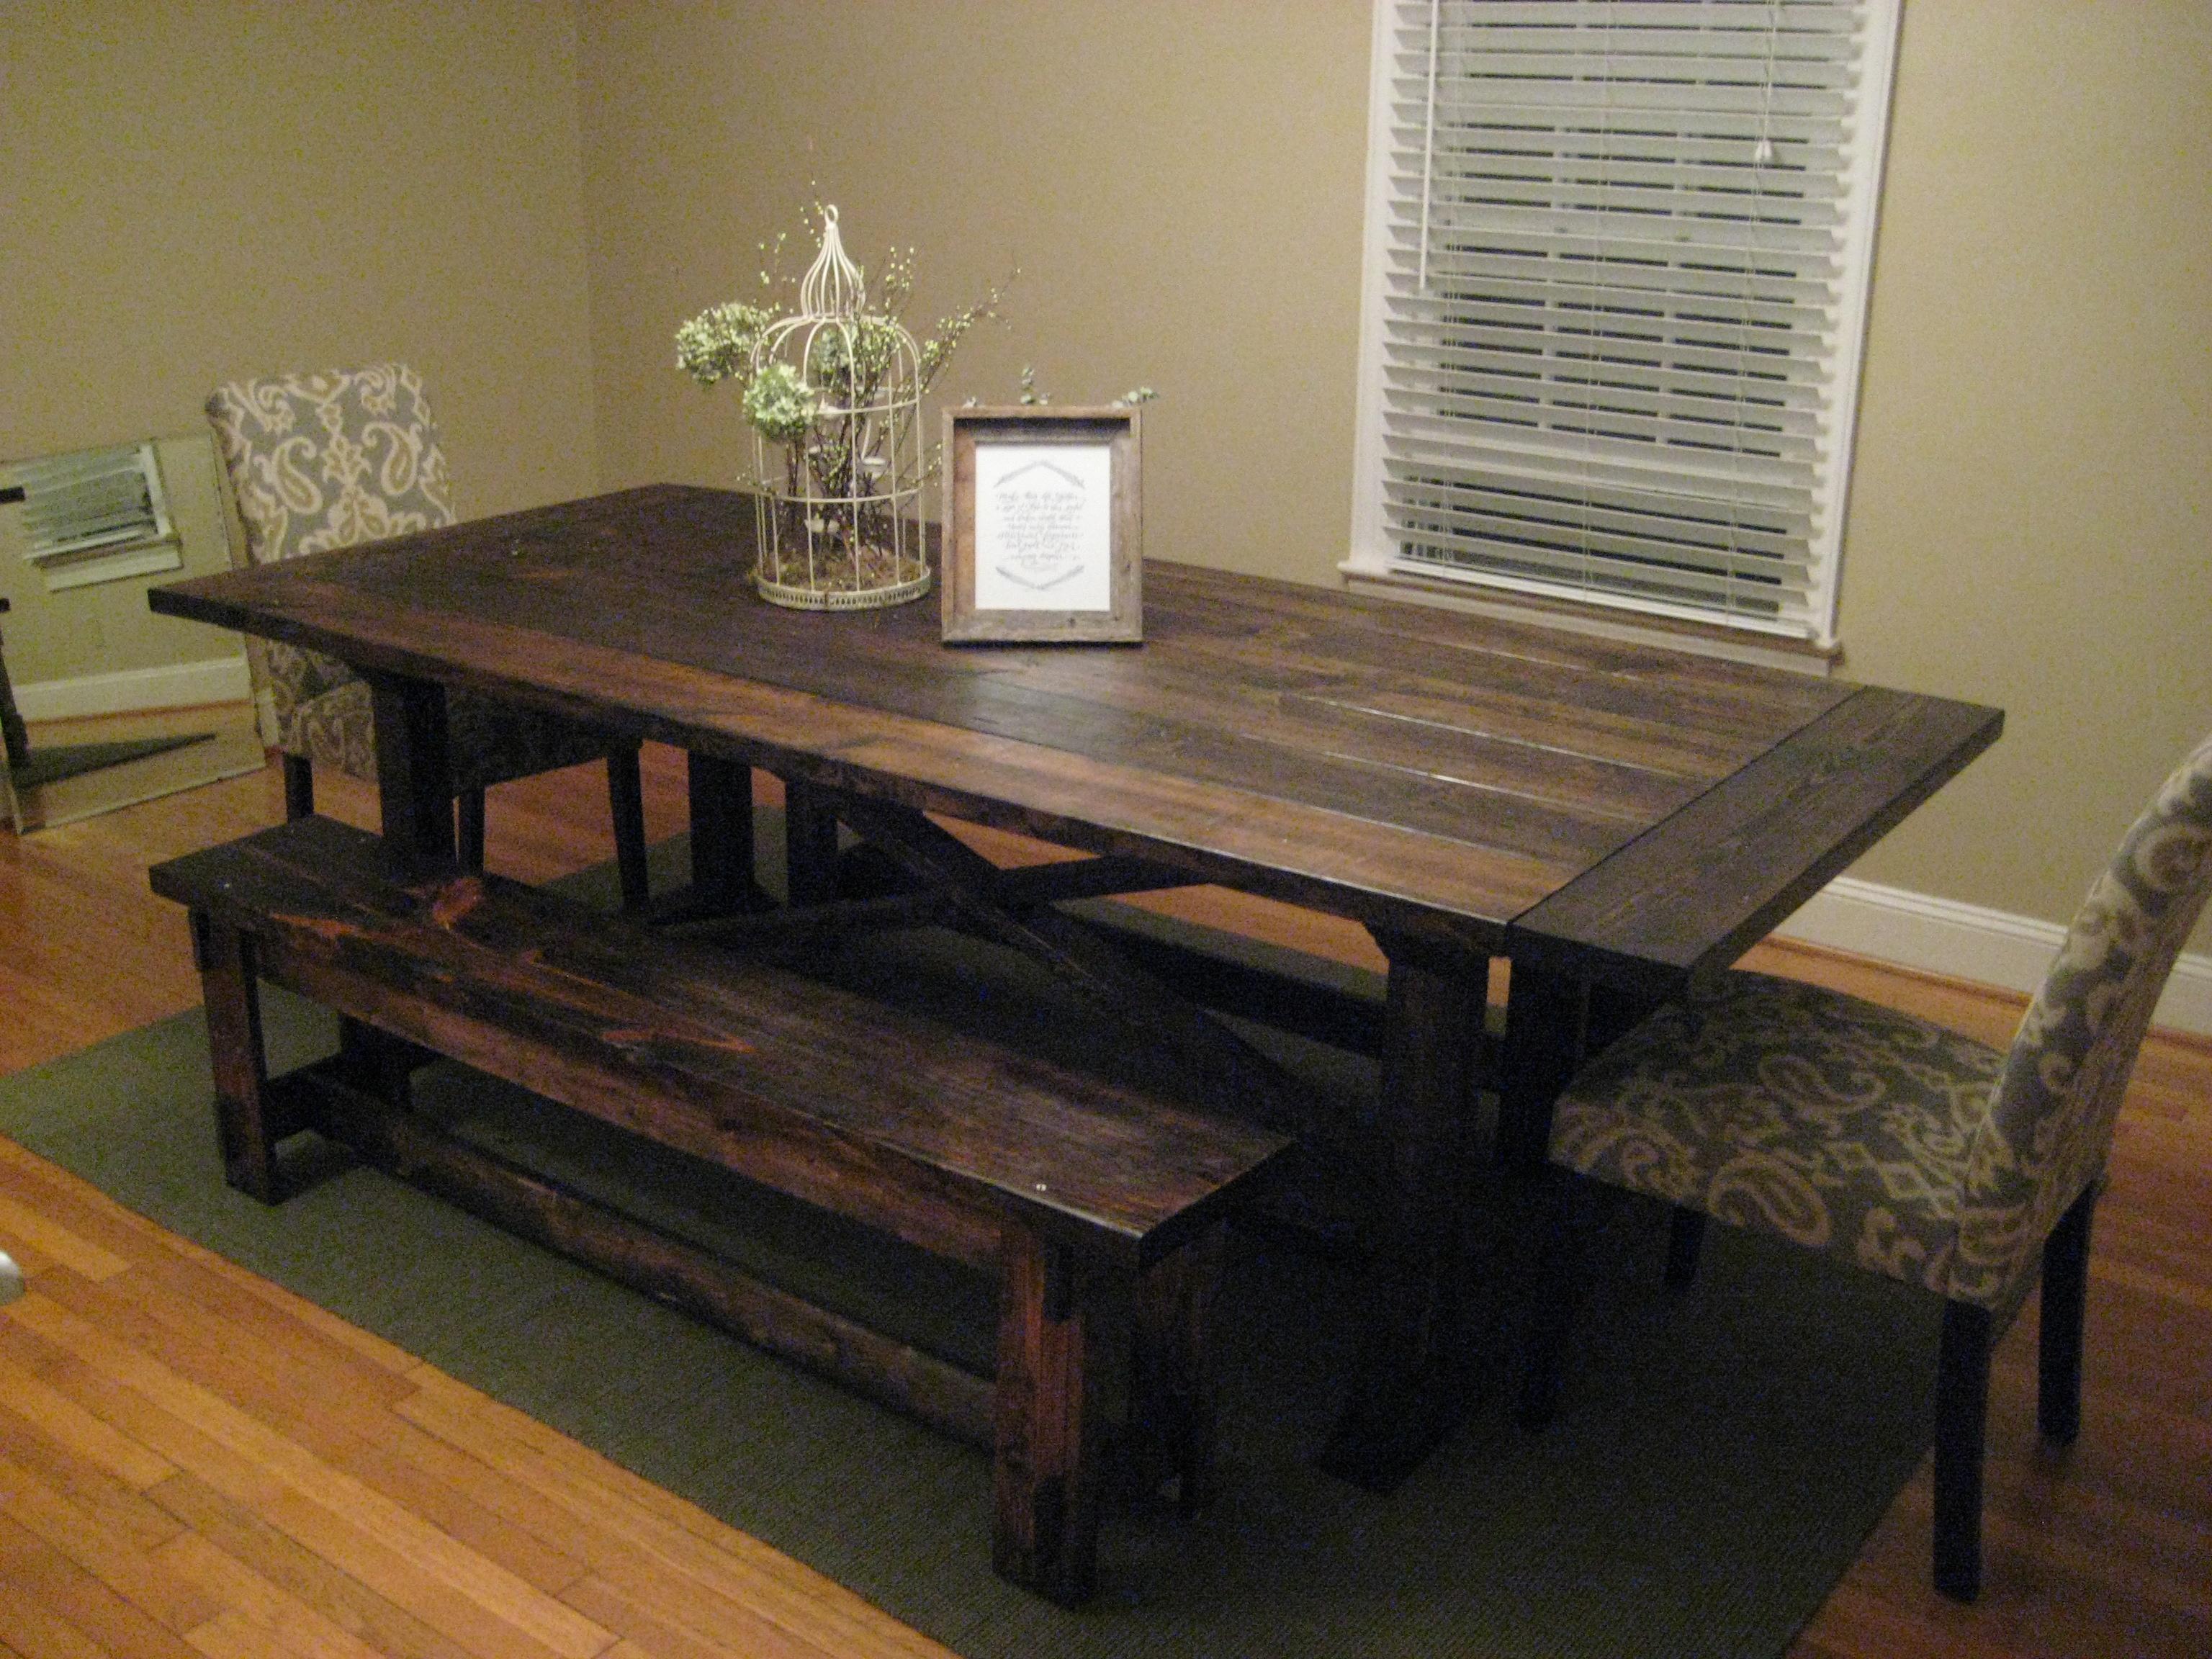 Rekourt Farmhouse Table Ana White